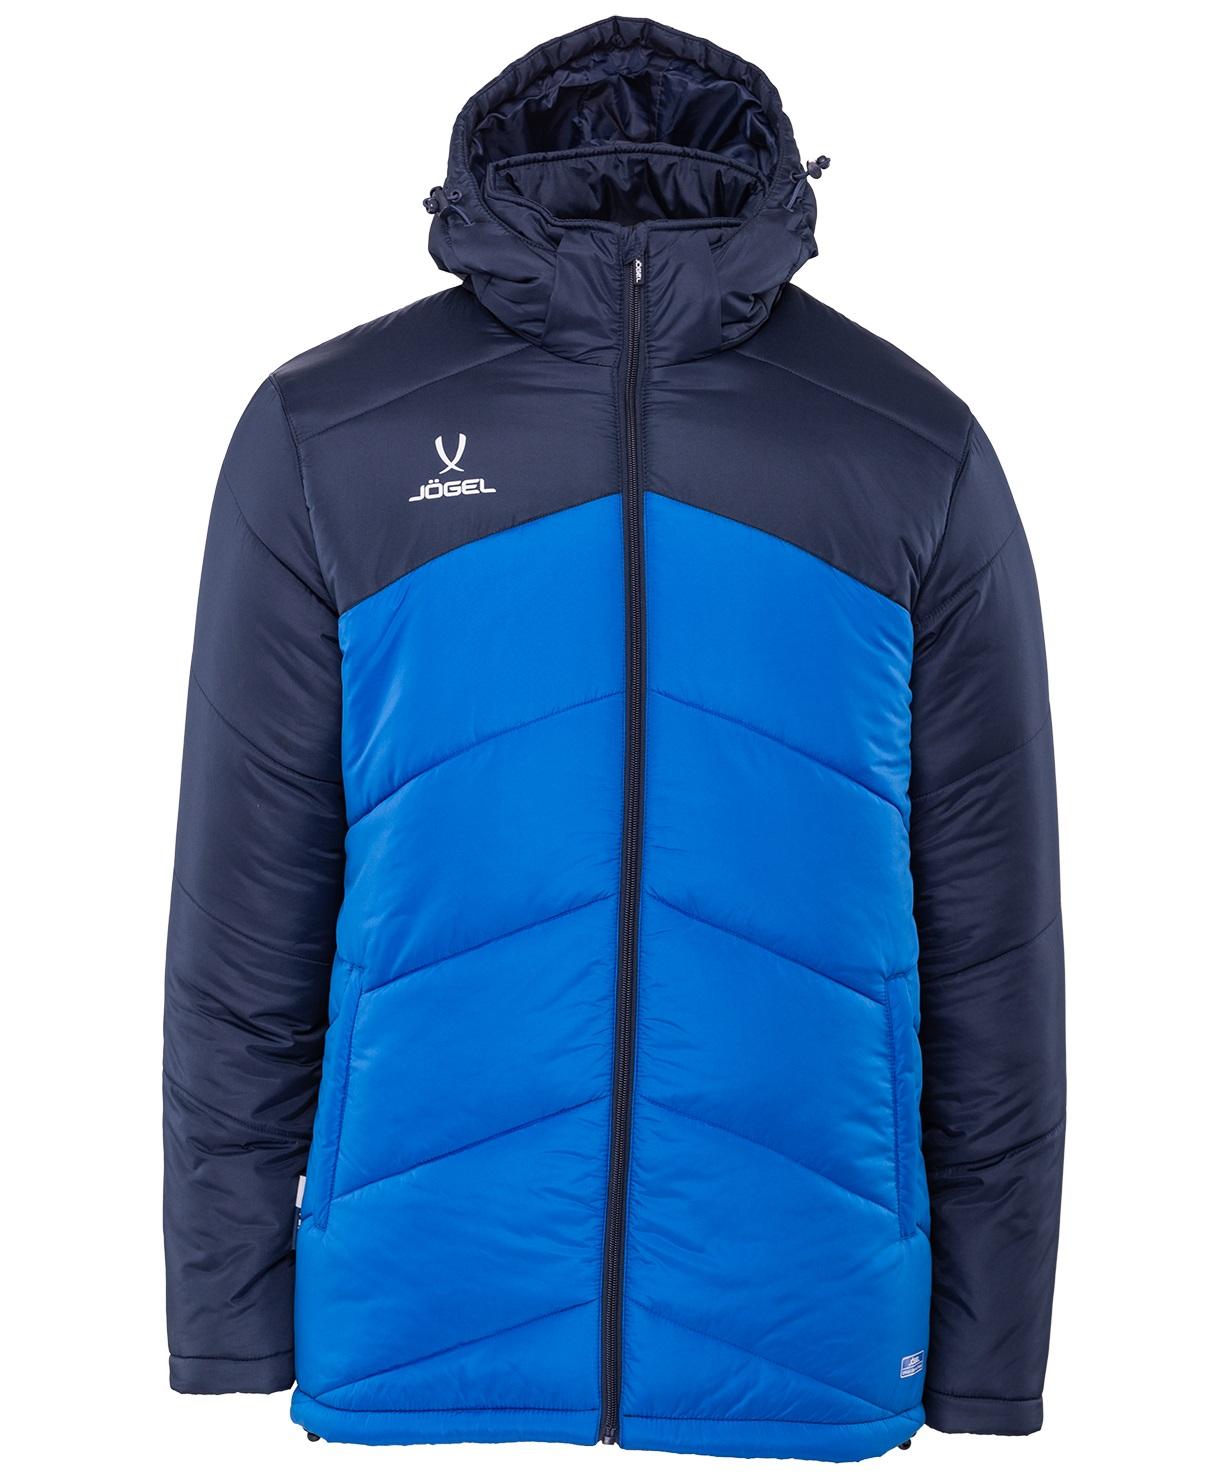 Jögel Куртка утеплённая JPJ 4500 971, полиэстер,